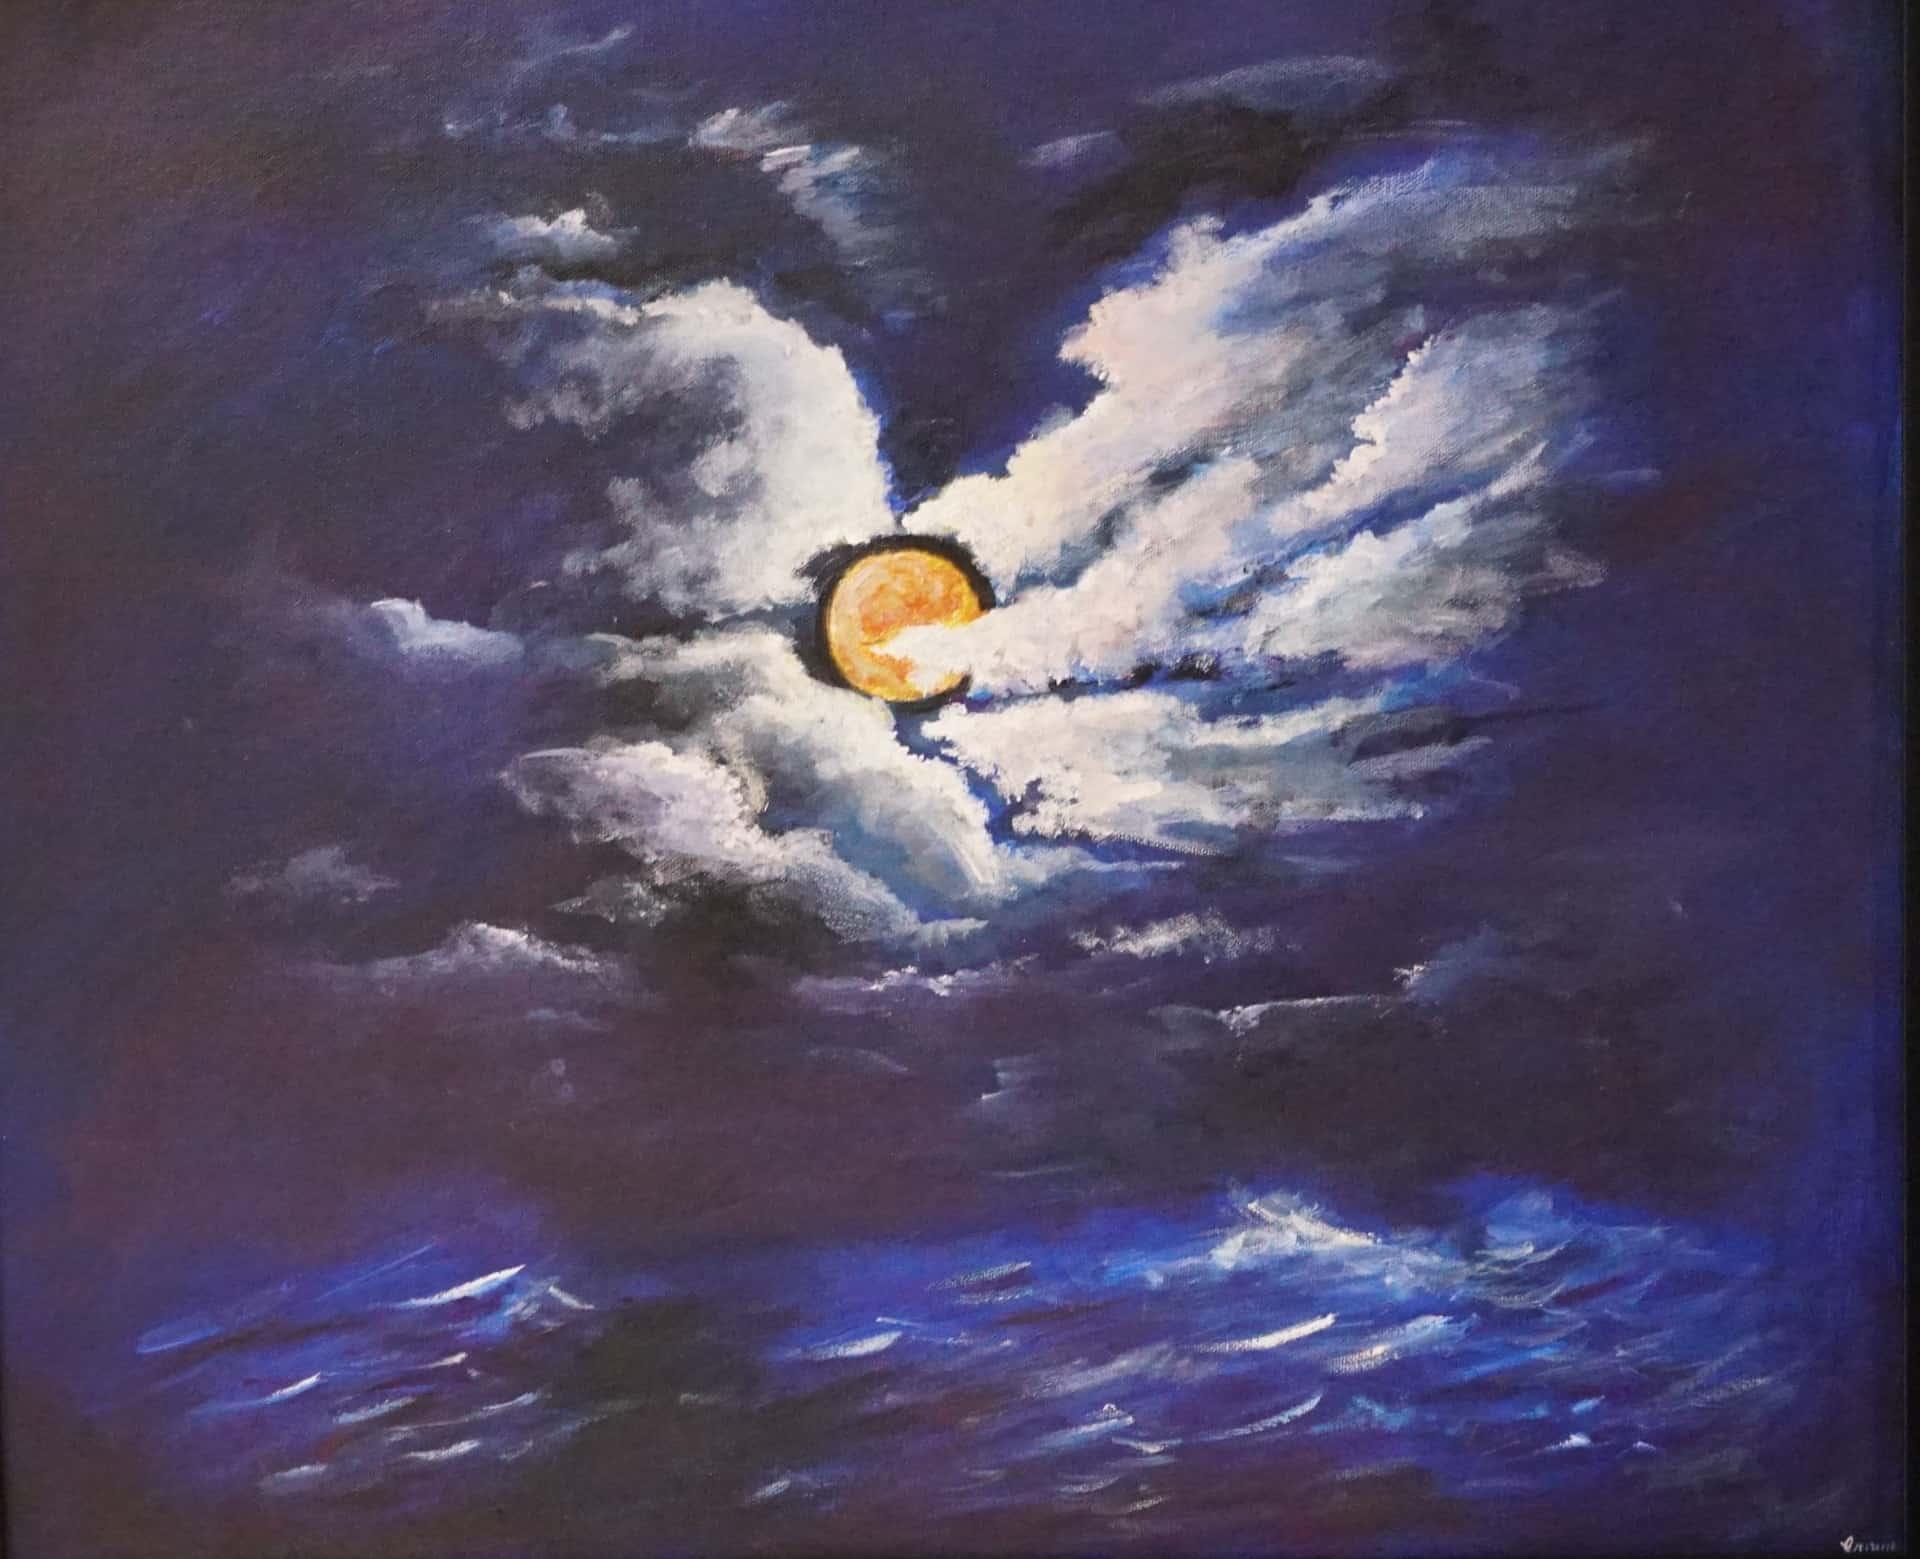 Embezzled Sky